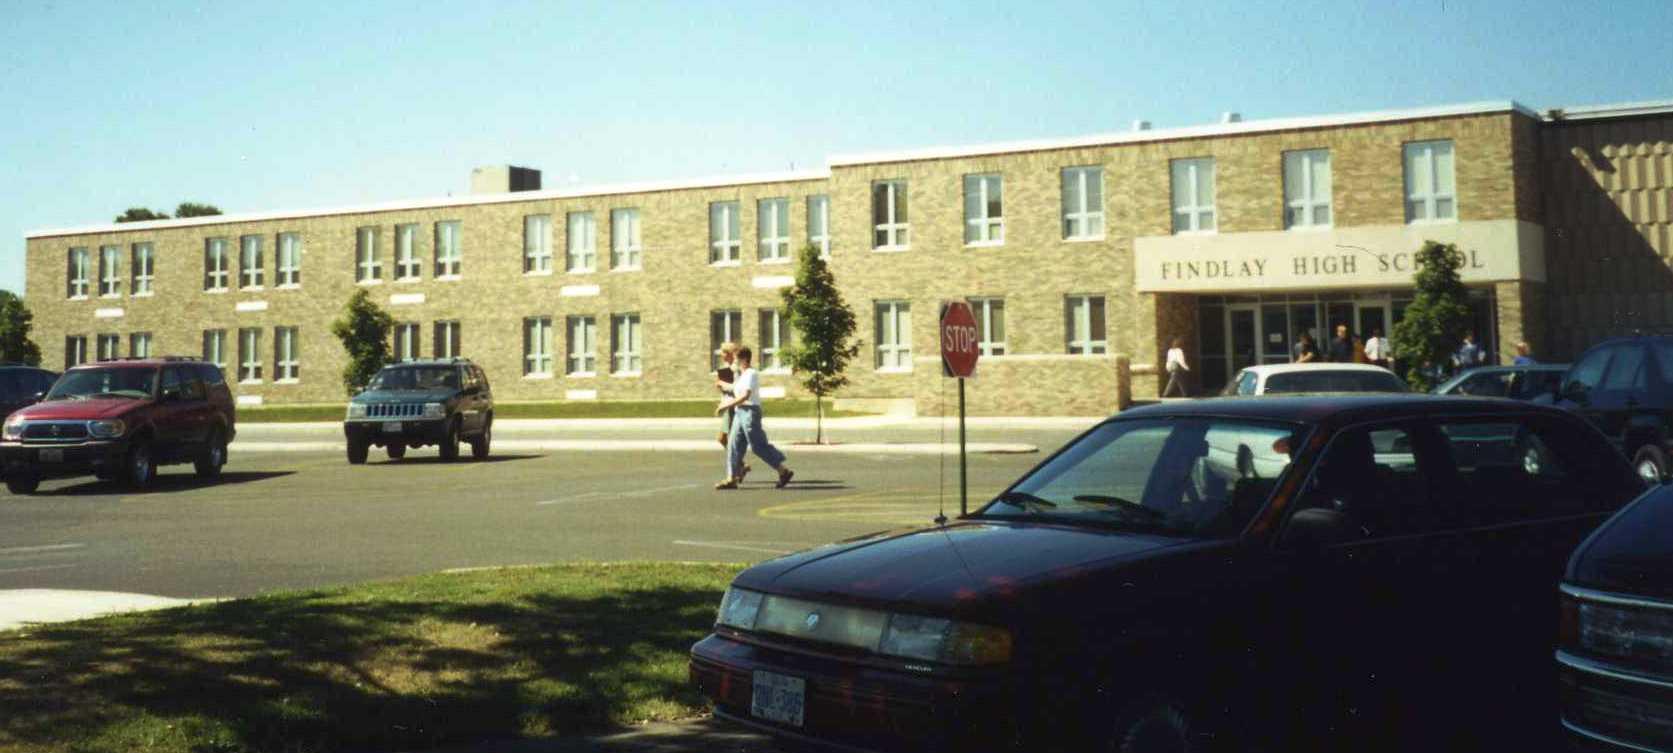 1999 Findlay HS Addition.jpg